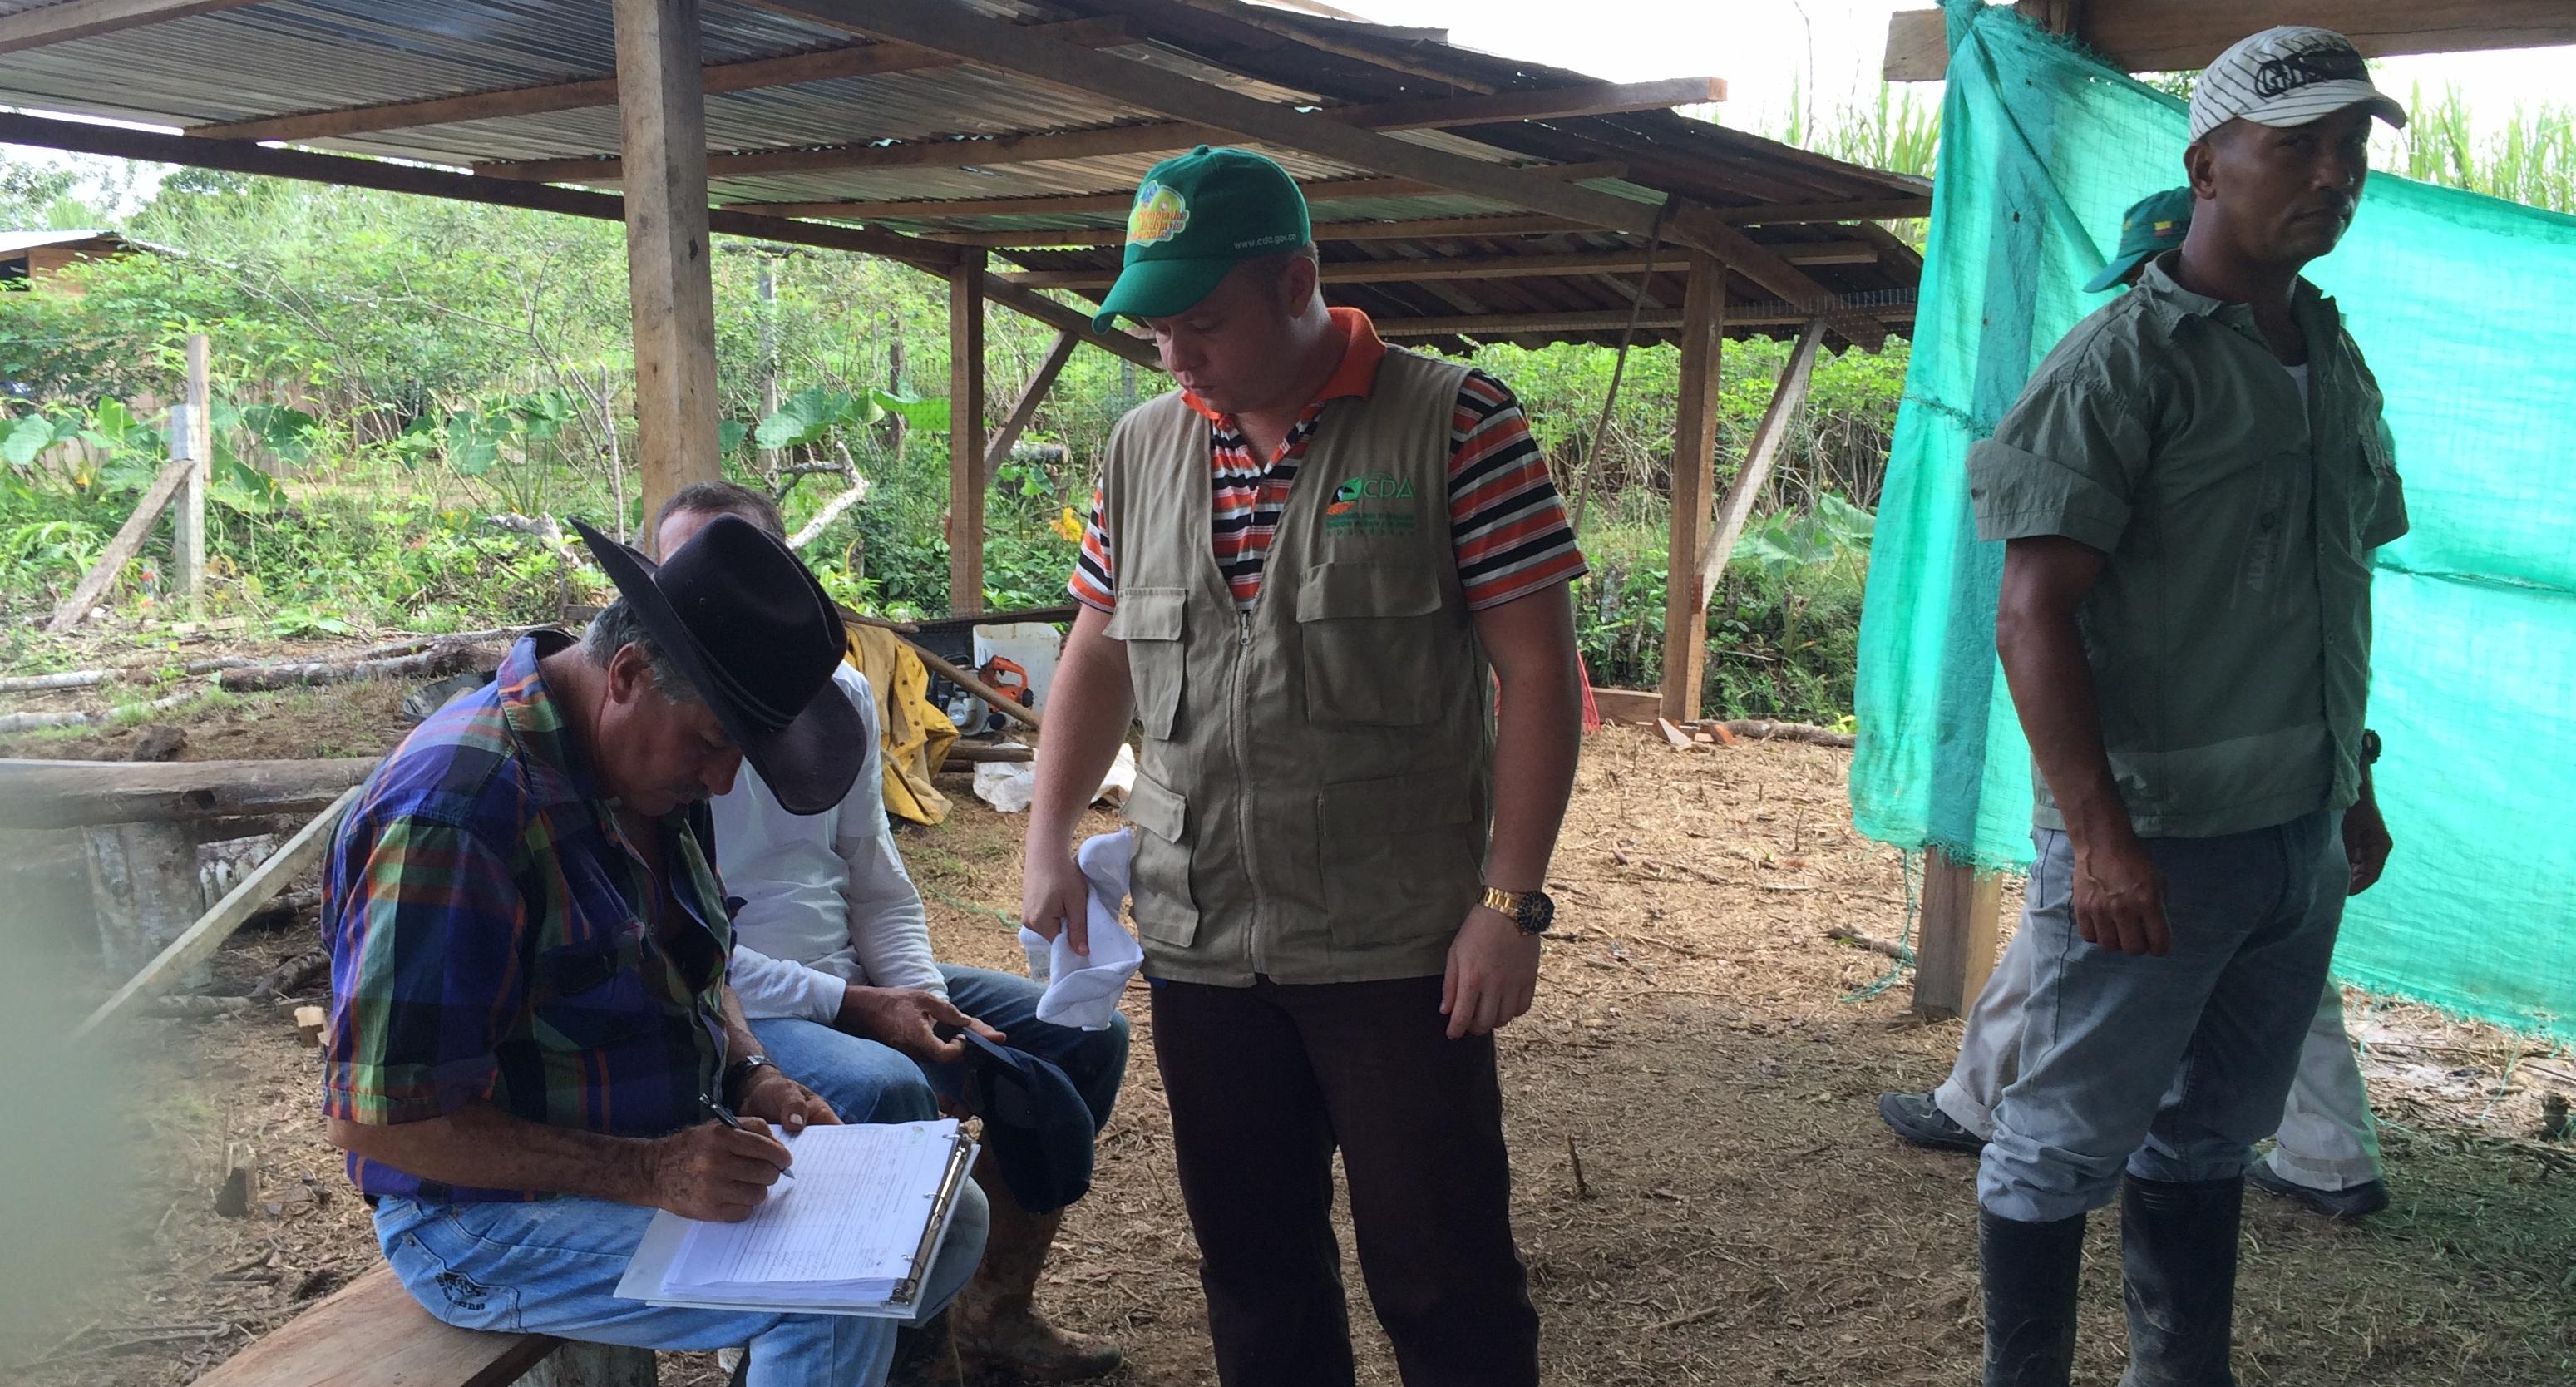 imagen alusiva a  Comunidad del Sector Rural participa en espacios de Educación Ambiental